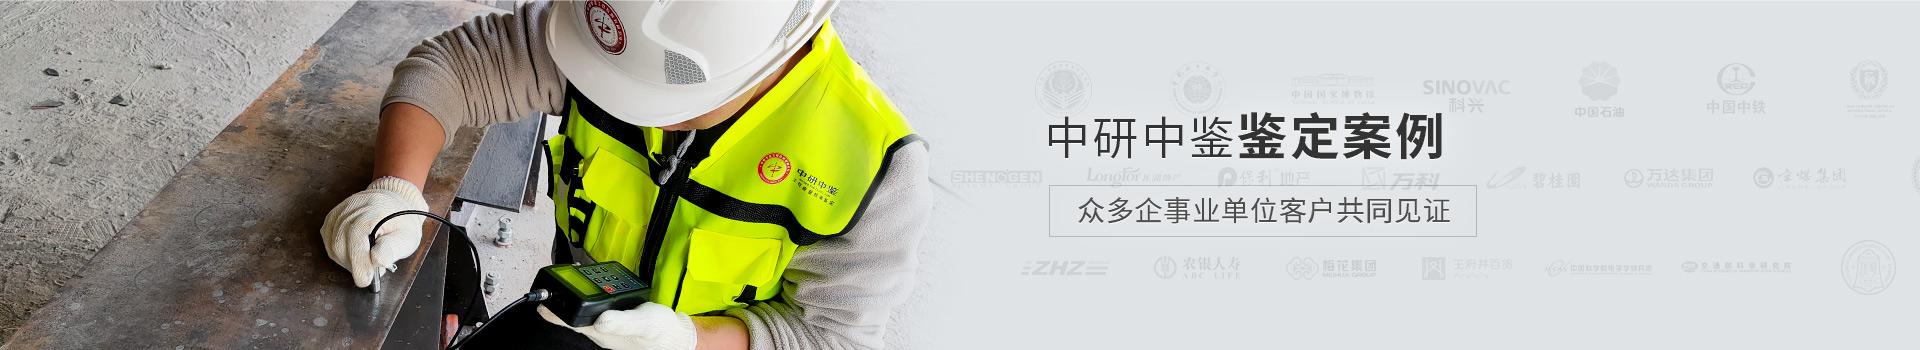 北京中研中鉴鉴定案例 众多企事业单位客户共同见证